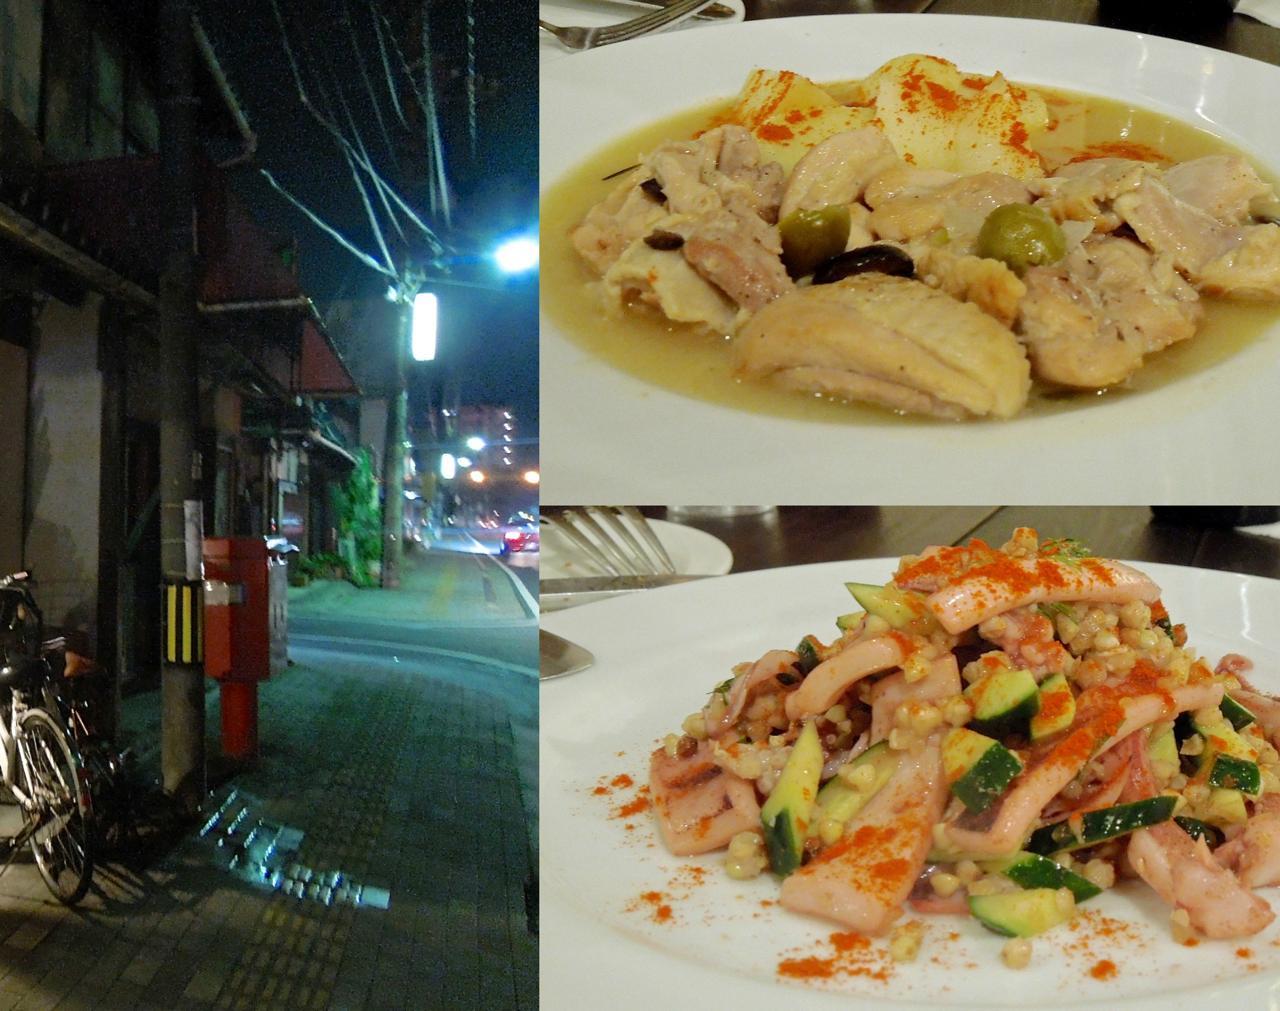 とても気に入ったイカとキュウリ、蕎麦の実タブレ(下)と、ちょっとさっぱりしすぎていた大山鶏のビネガー煮